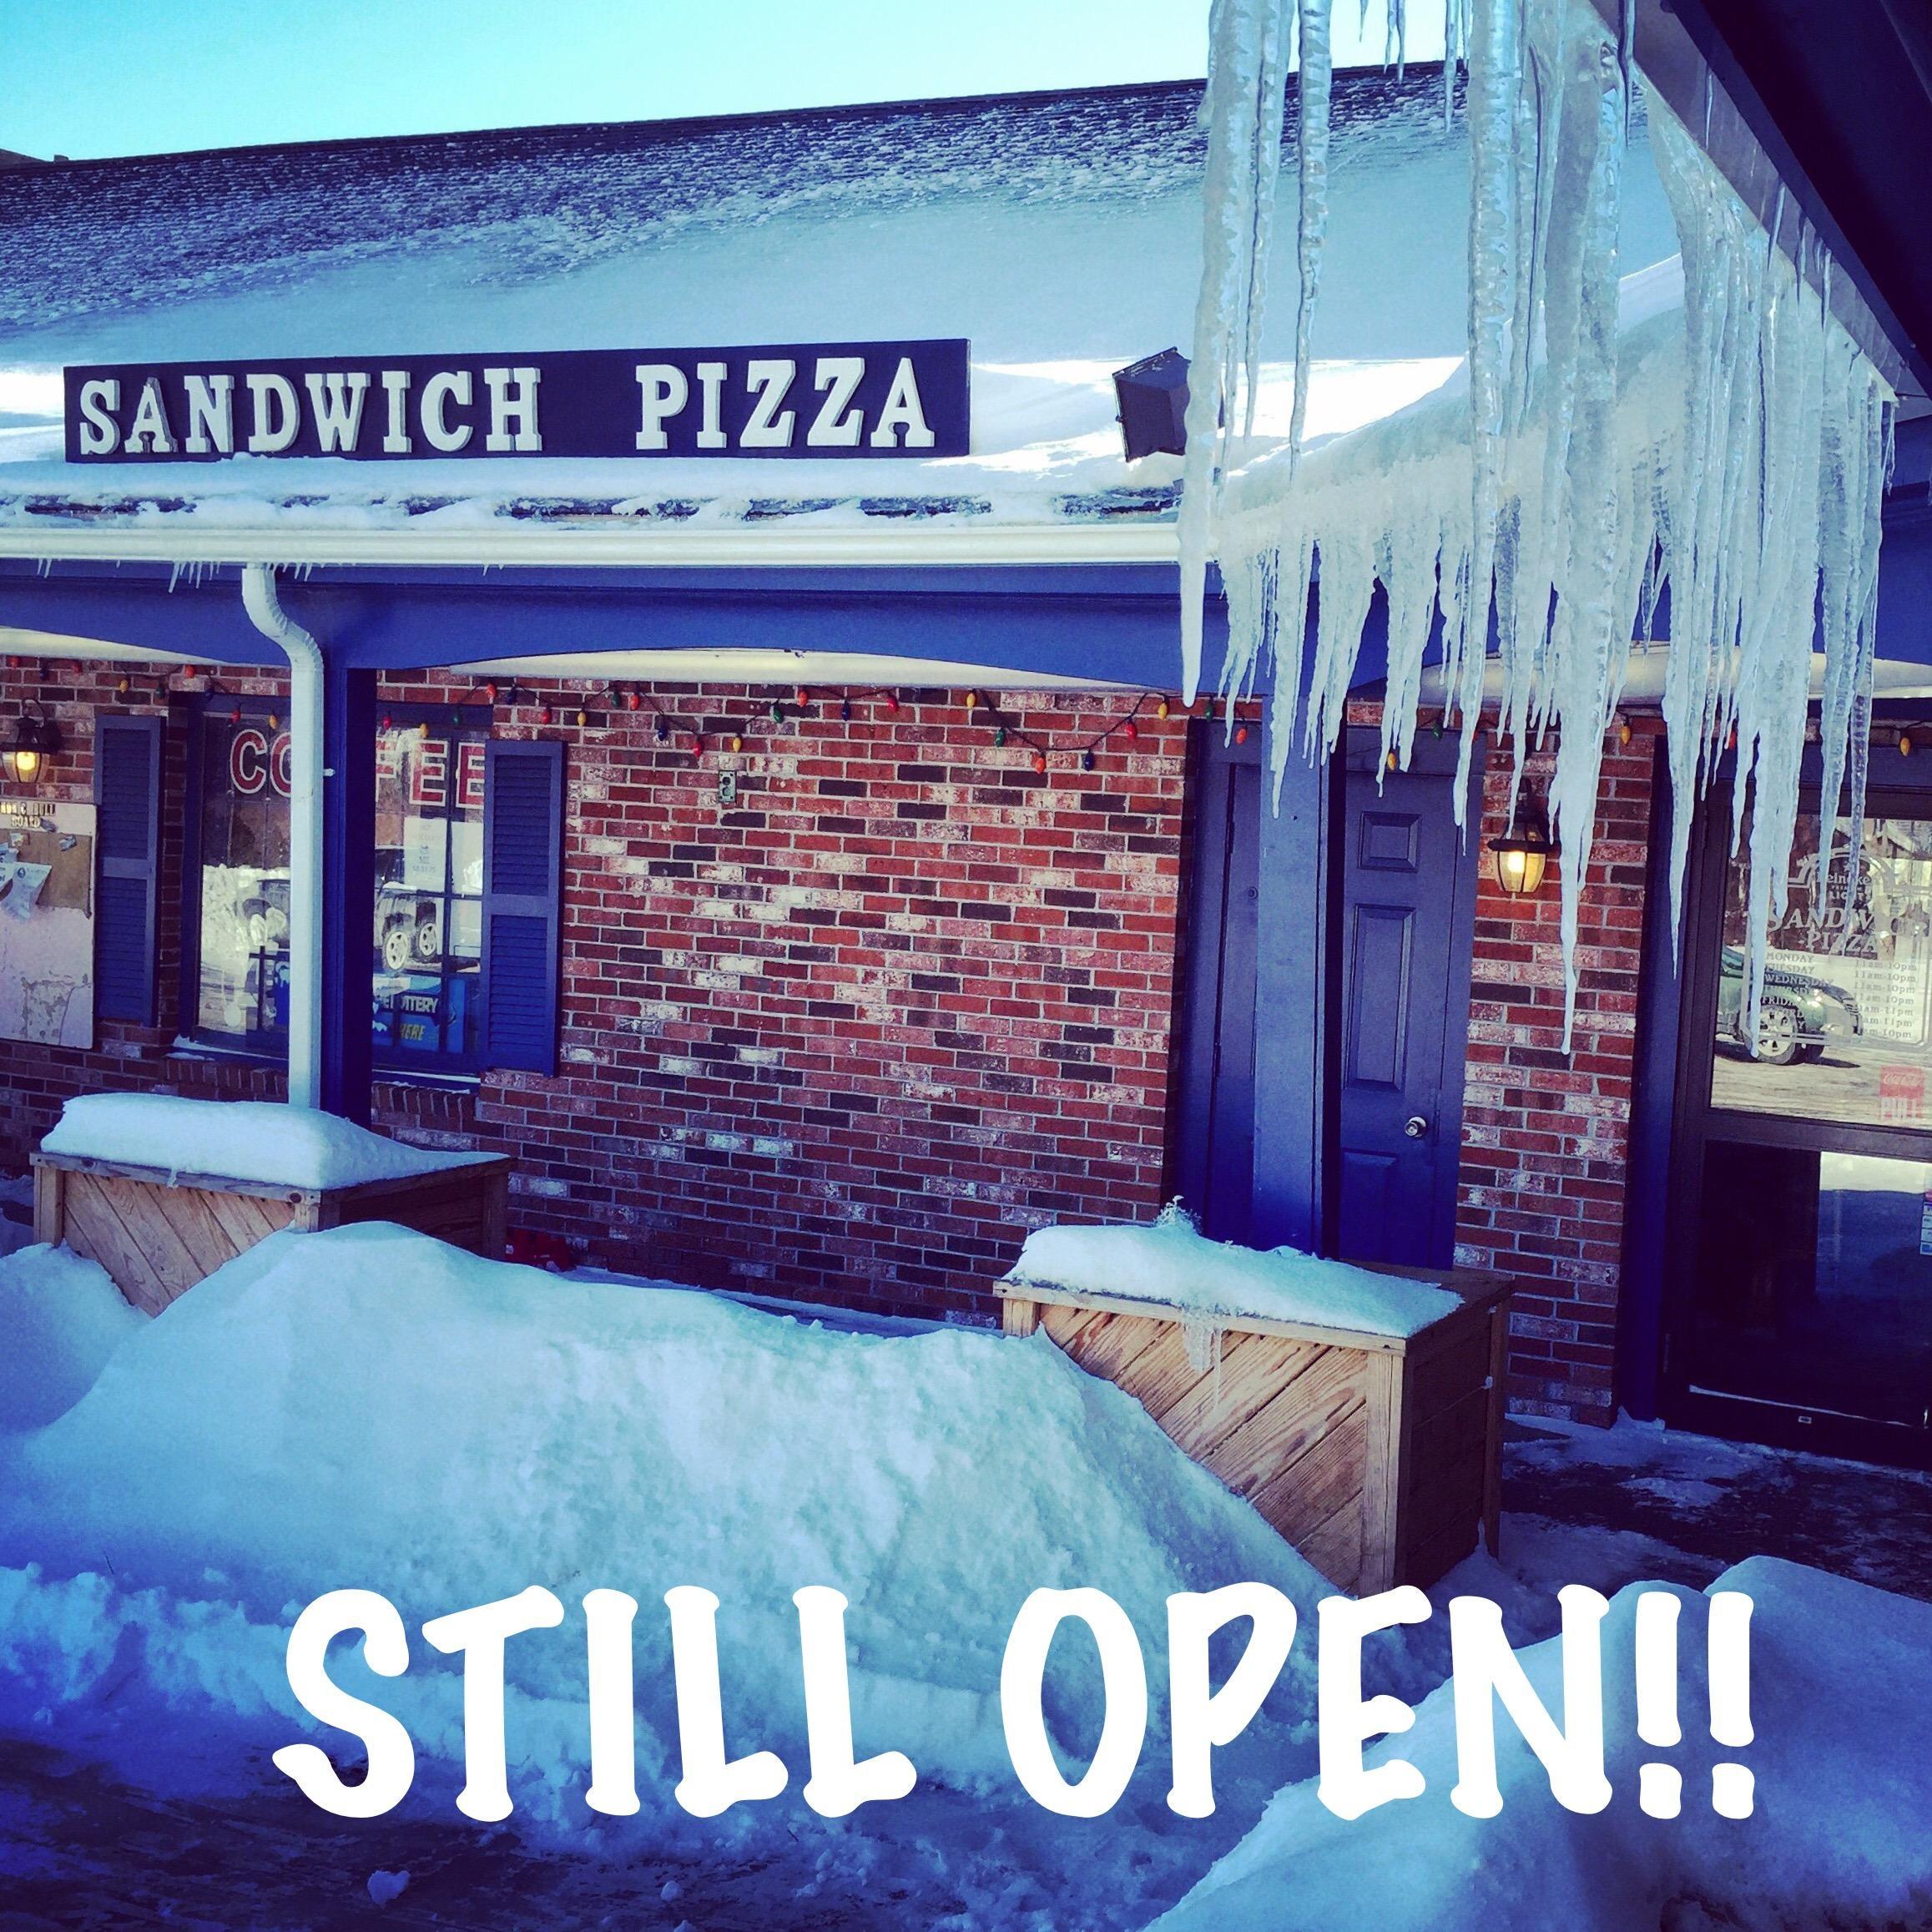 Sandwich Pizza House image 2